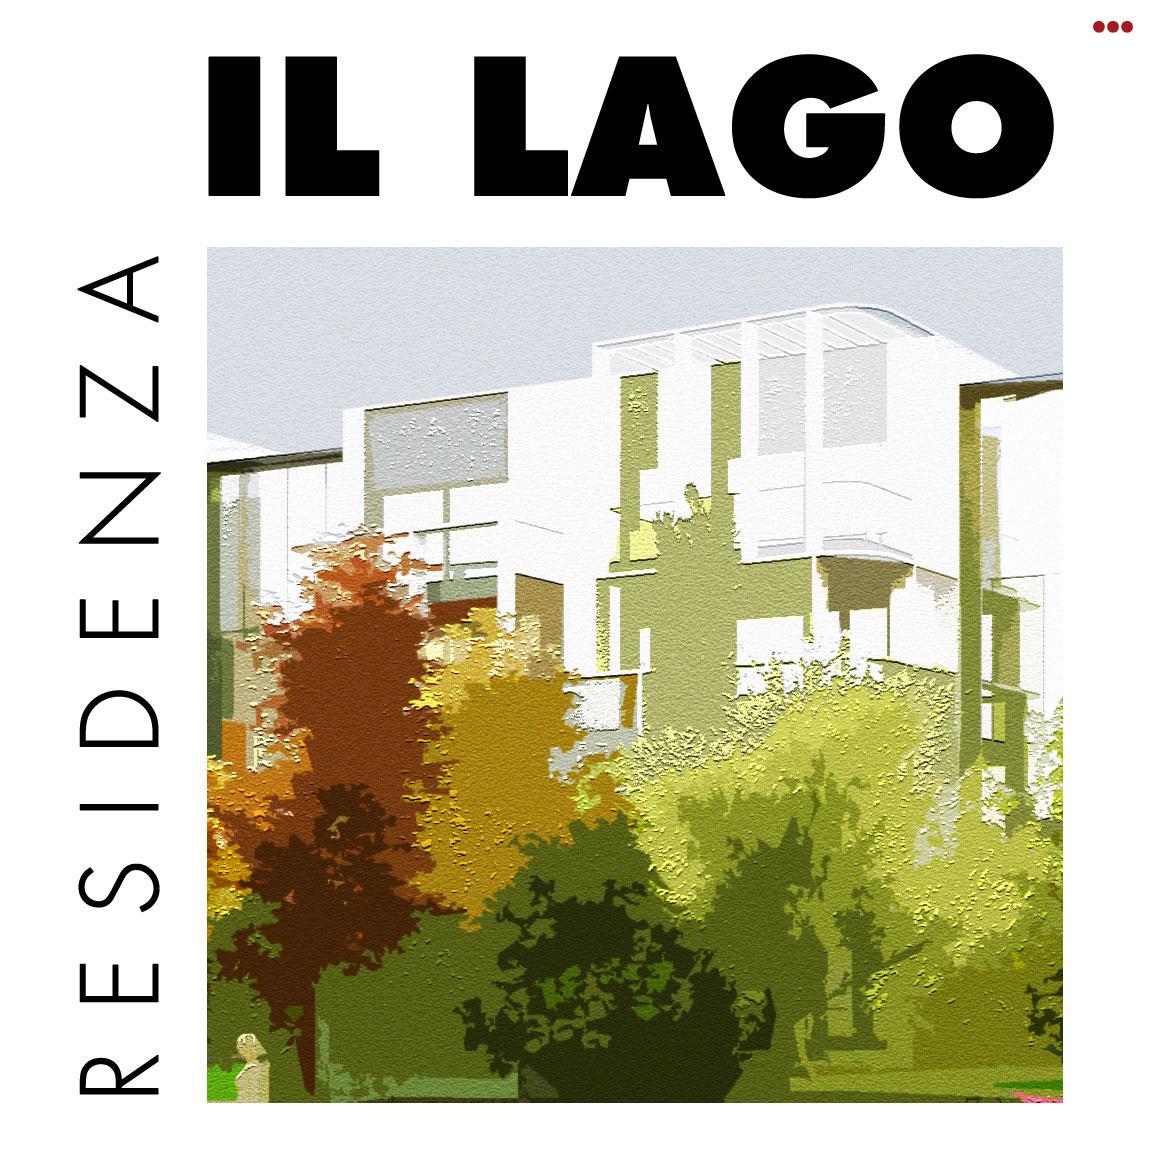 Studio Bartolini logo immagini coordinate grafica logo residenza il lago 2